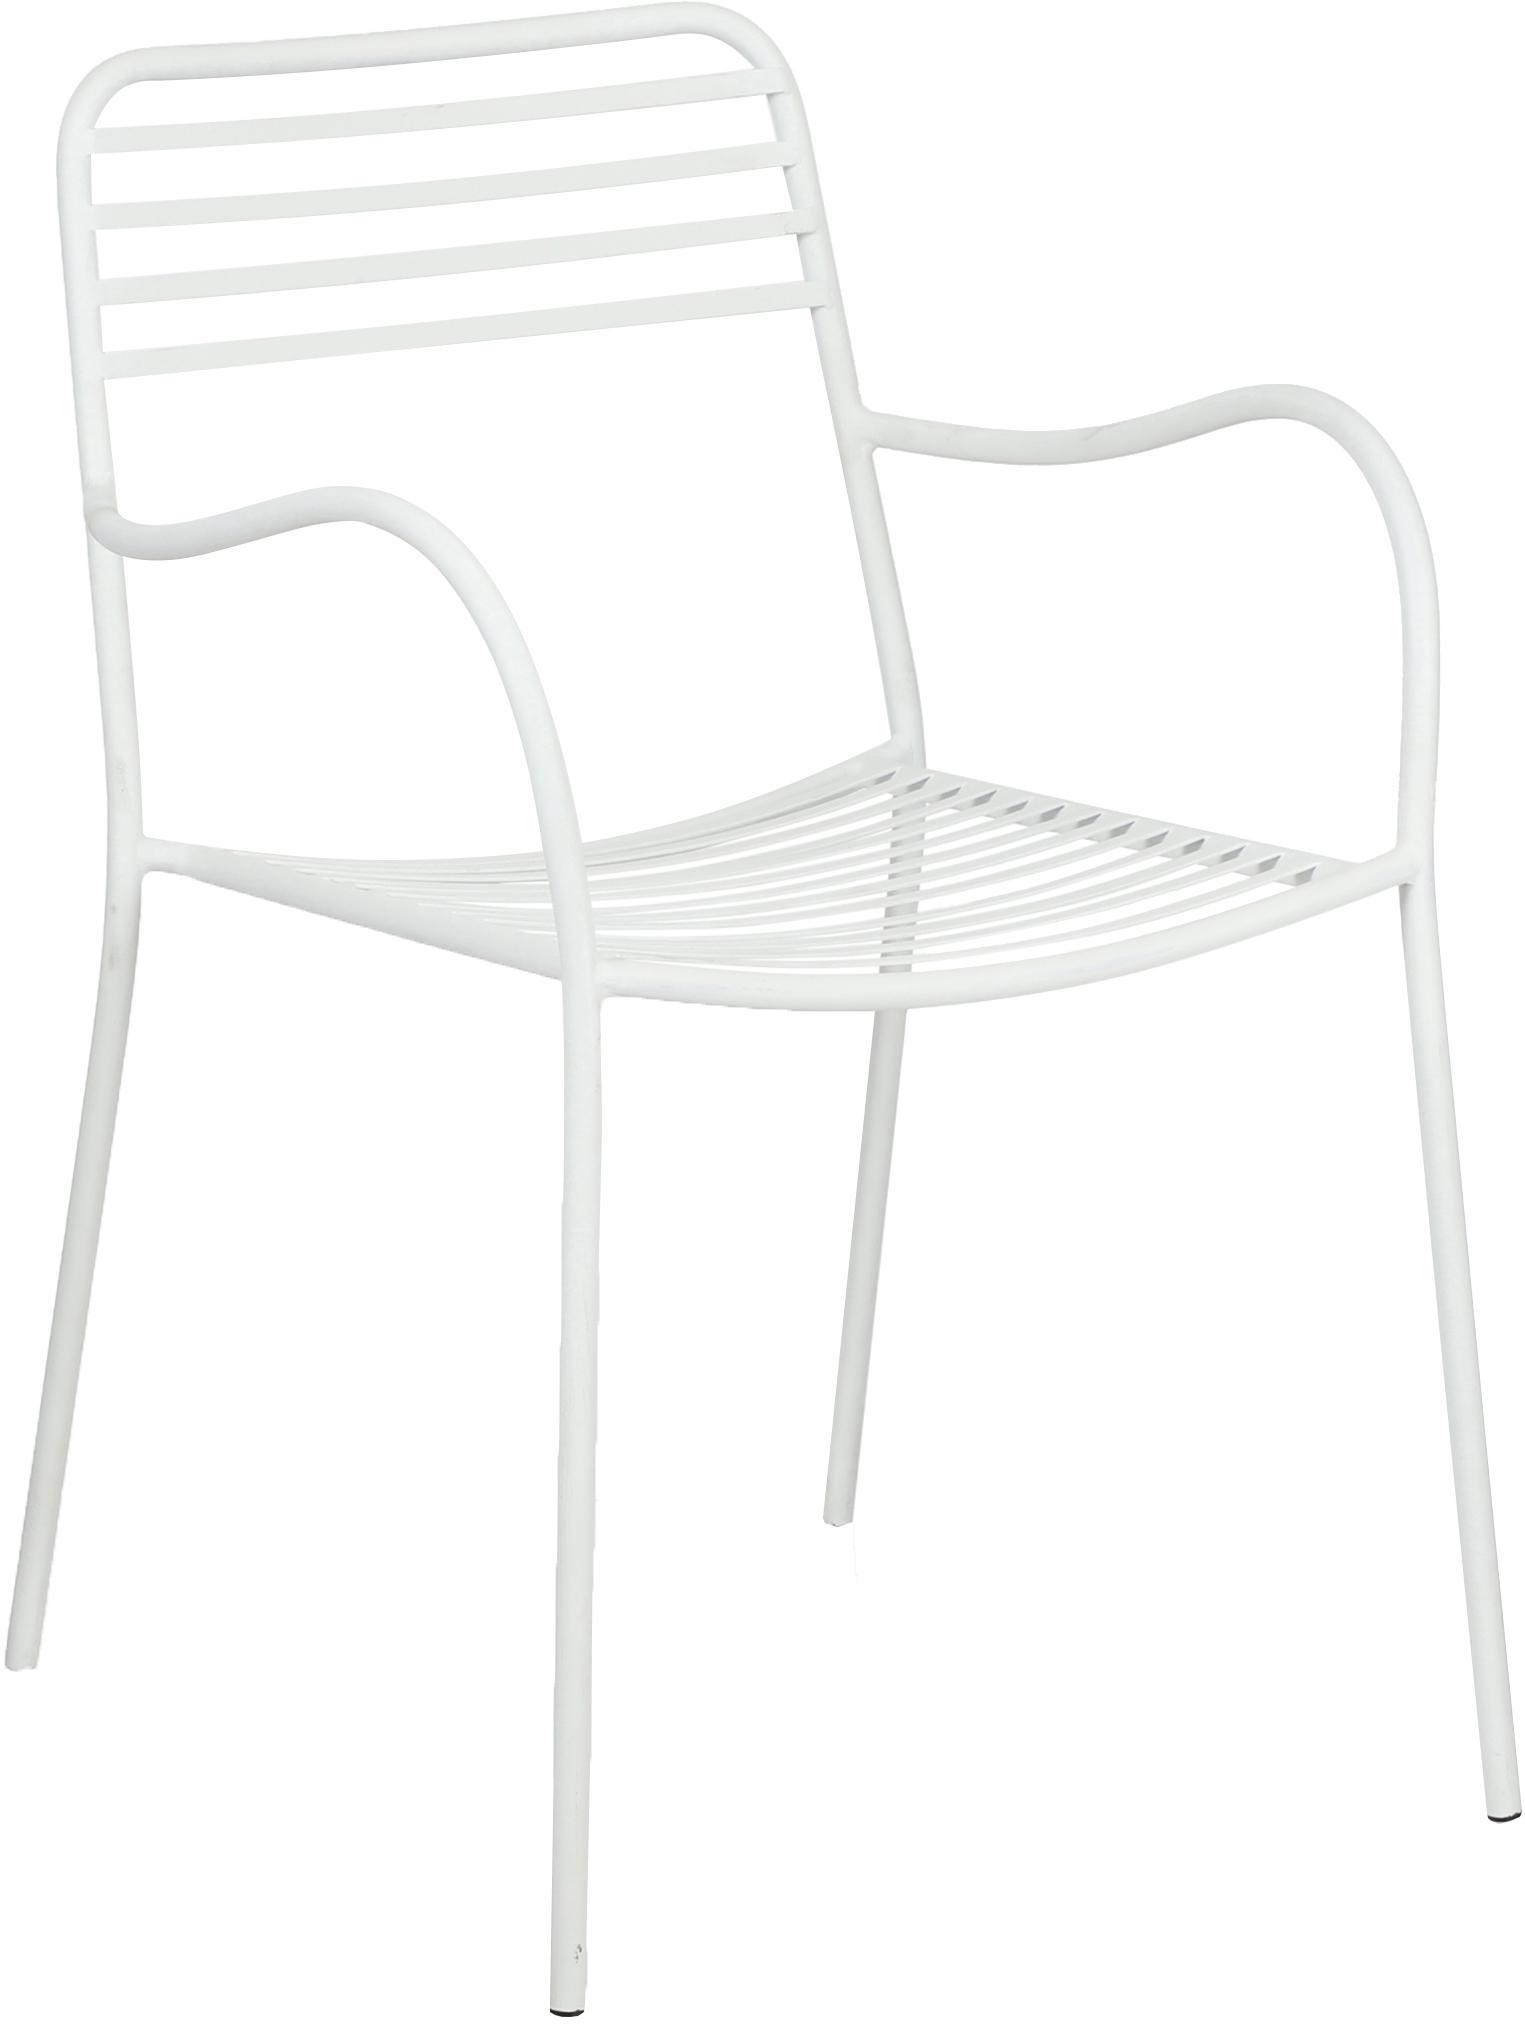 Balkon-Armlehnstühle Tula aus Metall, 2 Stück, Metall, pulverbeschichtet, Weiss, B 50 x T 60 cm